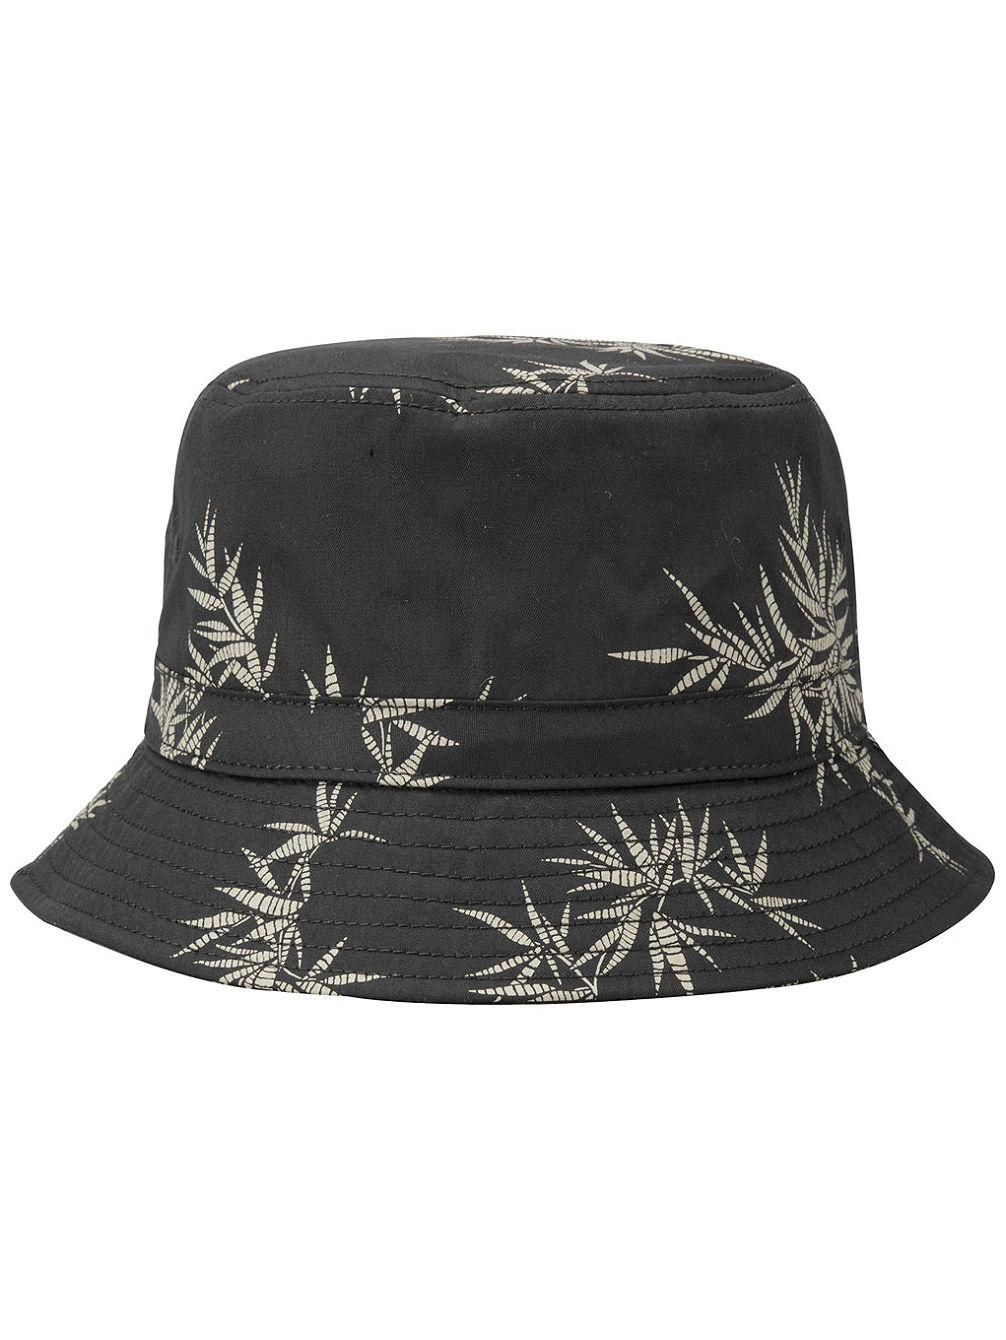 element-connect-hat